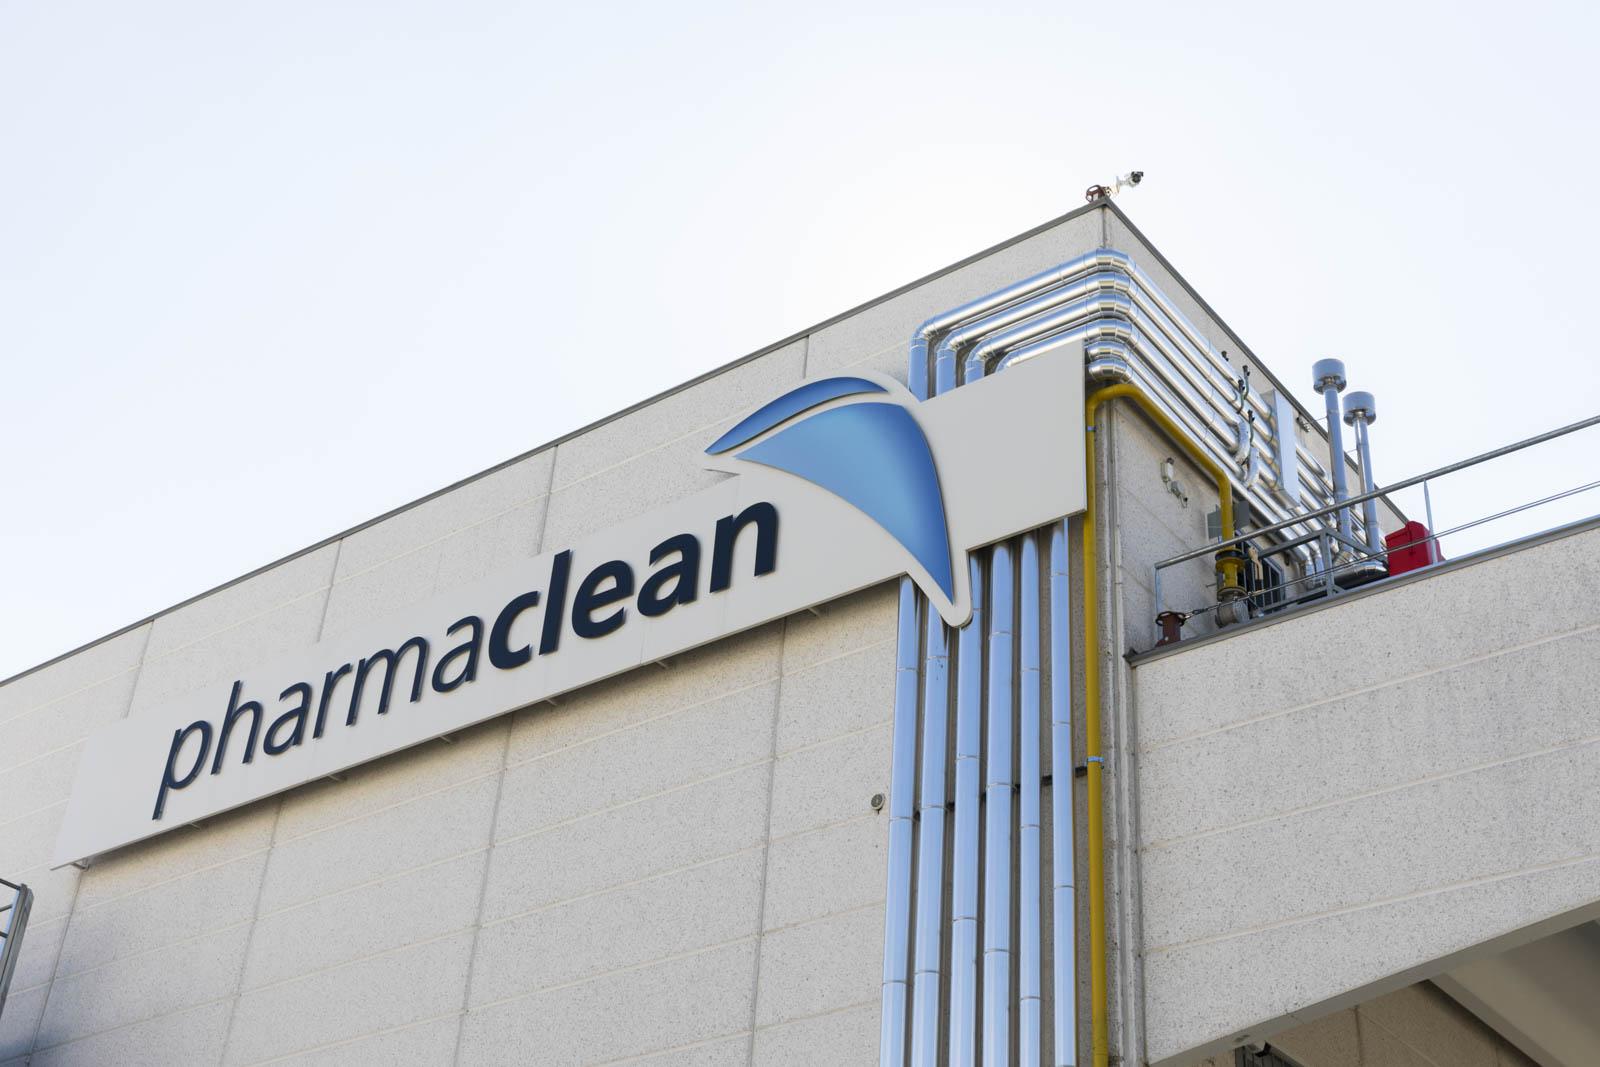 Pharmaclean Building